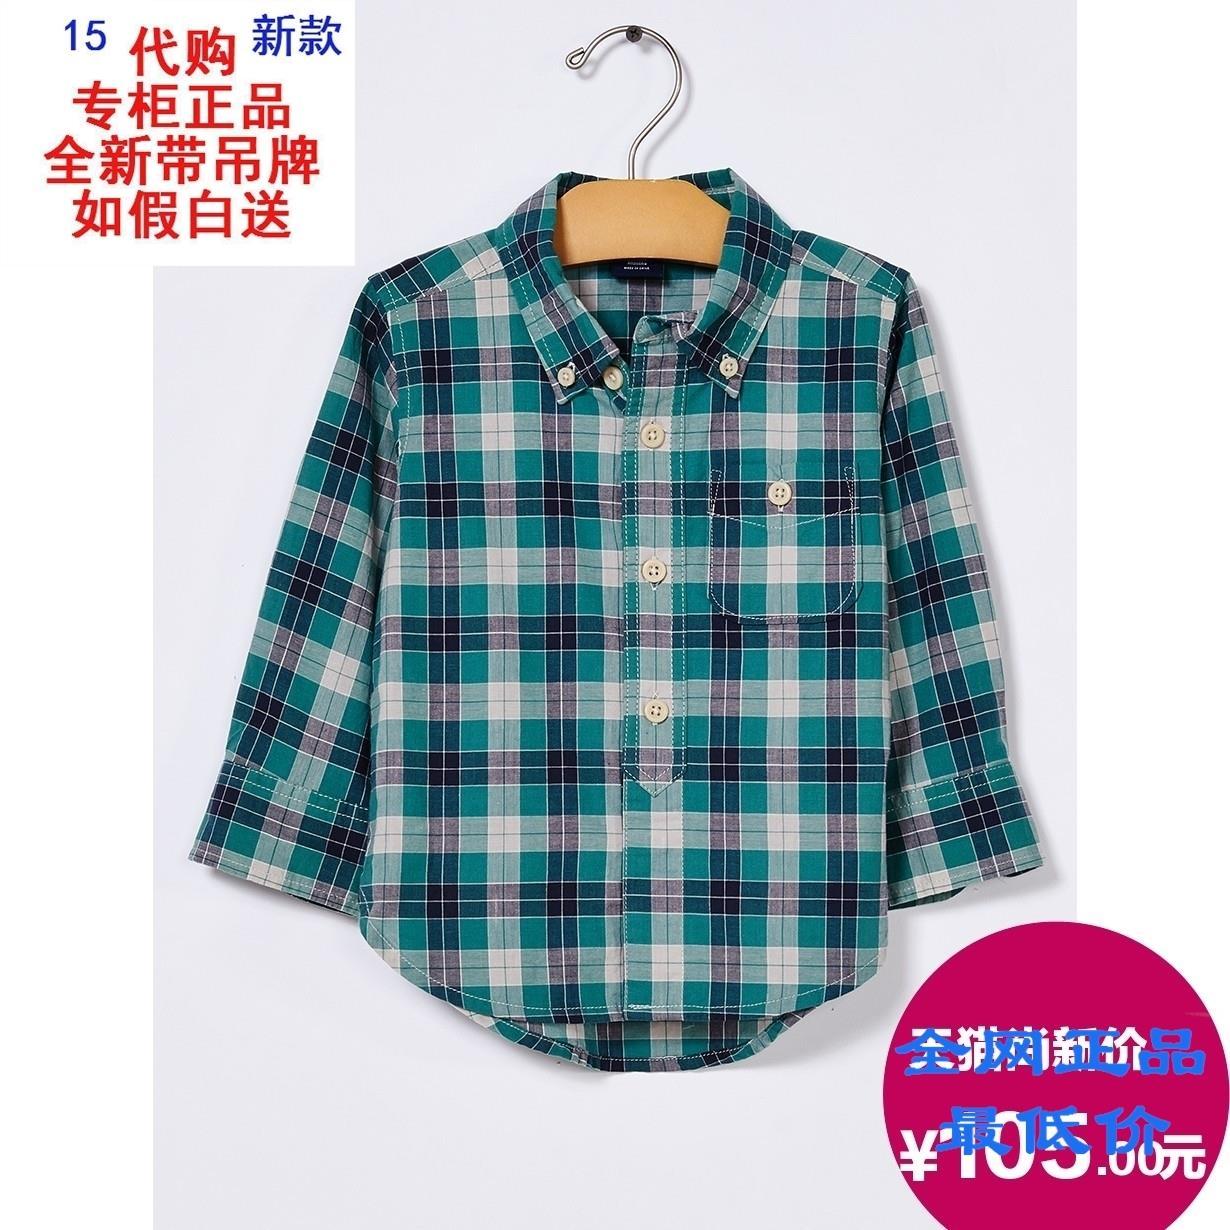 Рубашка детская GAP 000389132/1 Baby 389132-1 рубашка мужская gap 142643 349